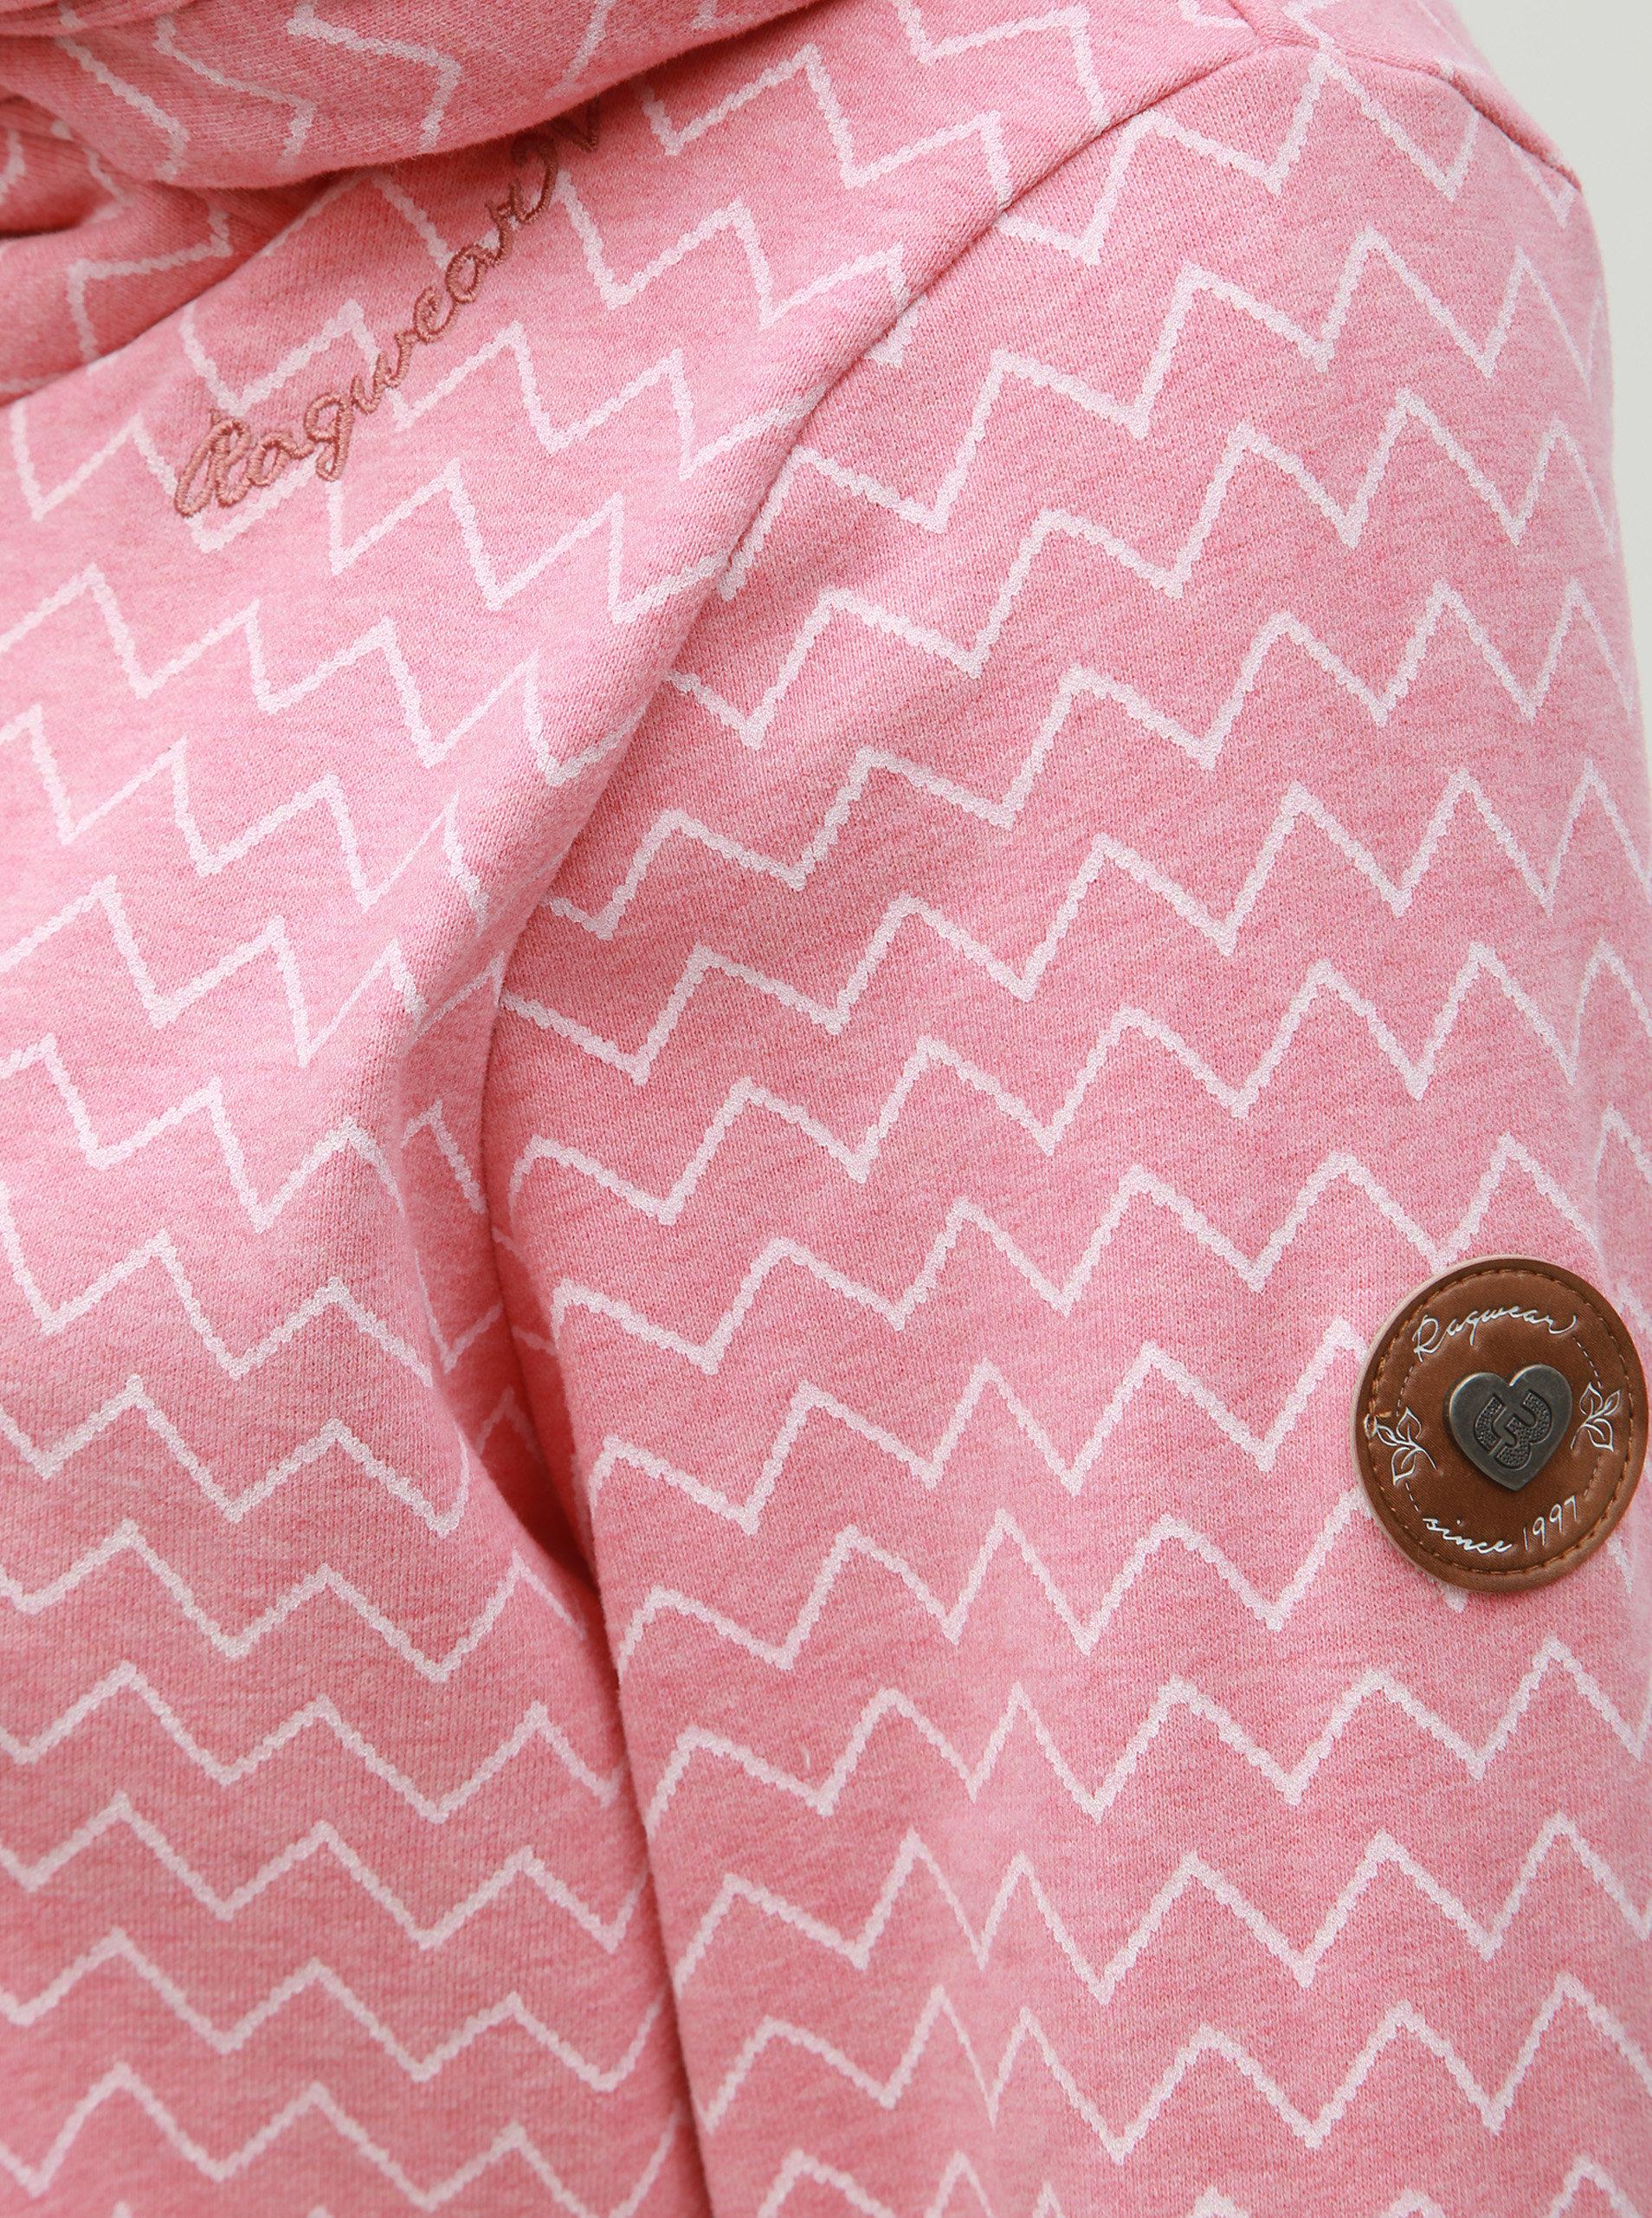 f4c1936dadc6 Ružová dámska vzorovaná dlhá mikina Ragwear Lilah Zig Zag ...